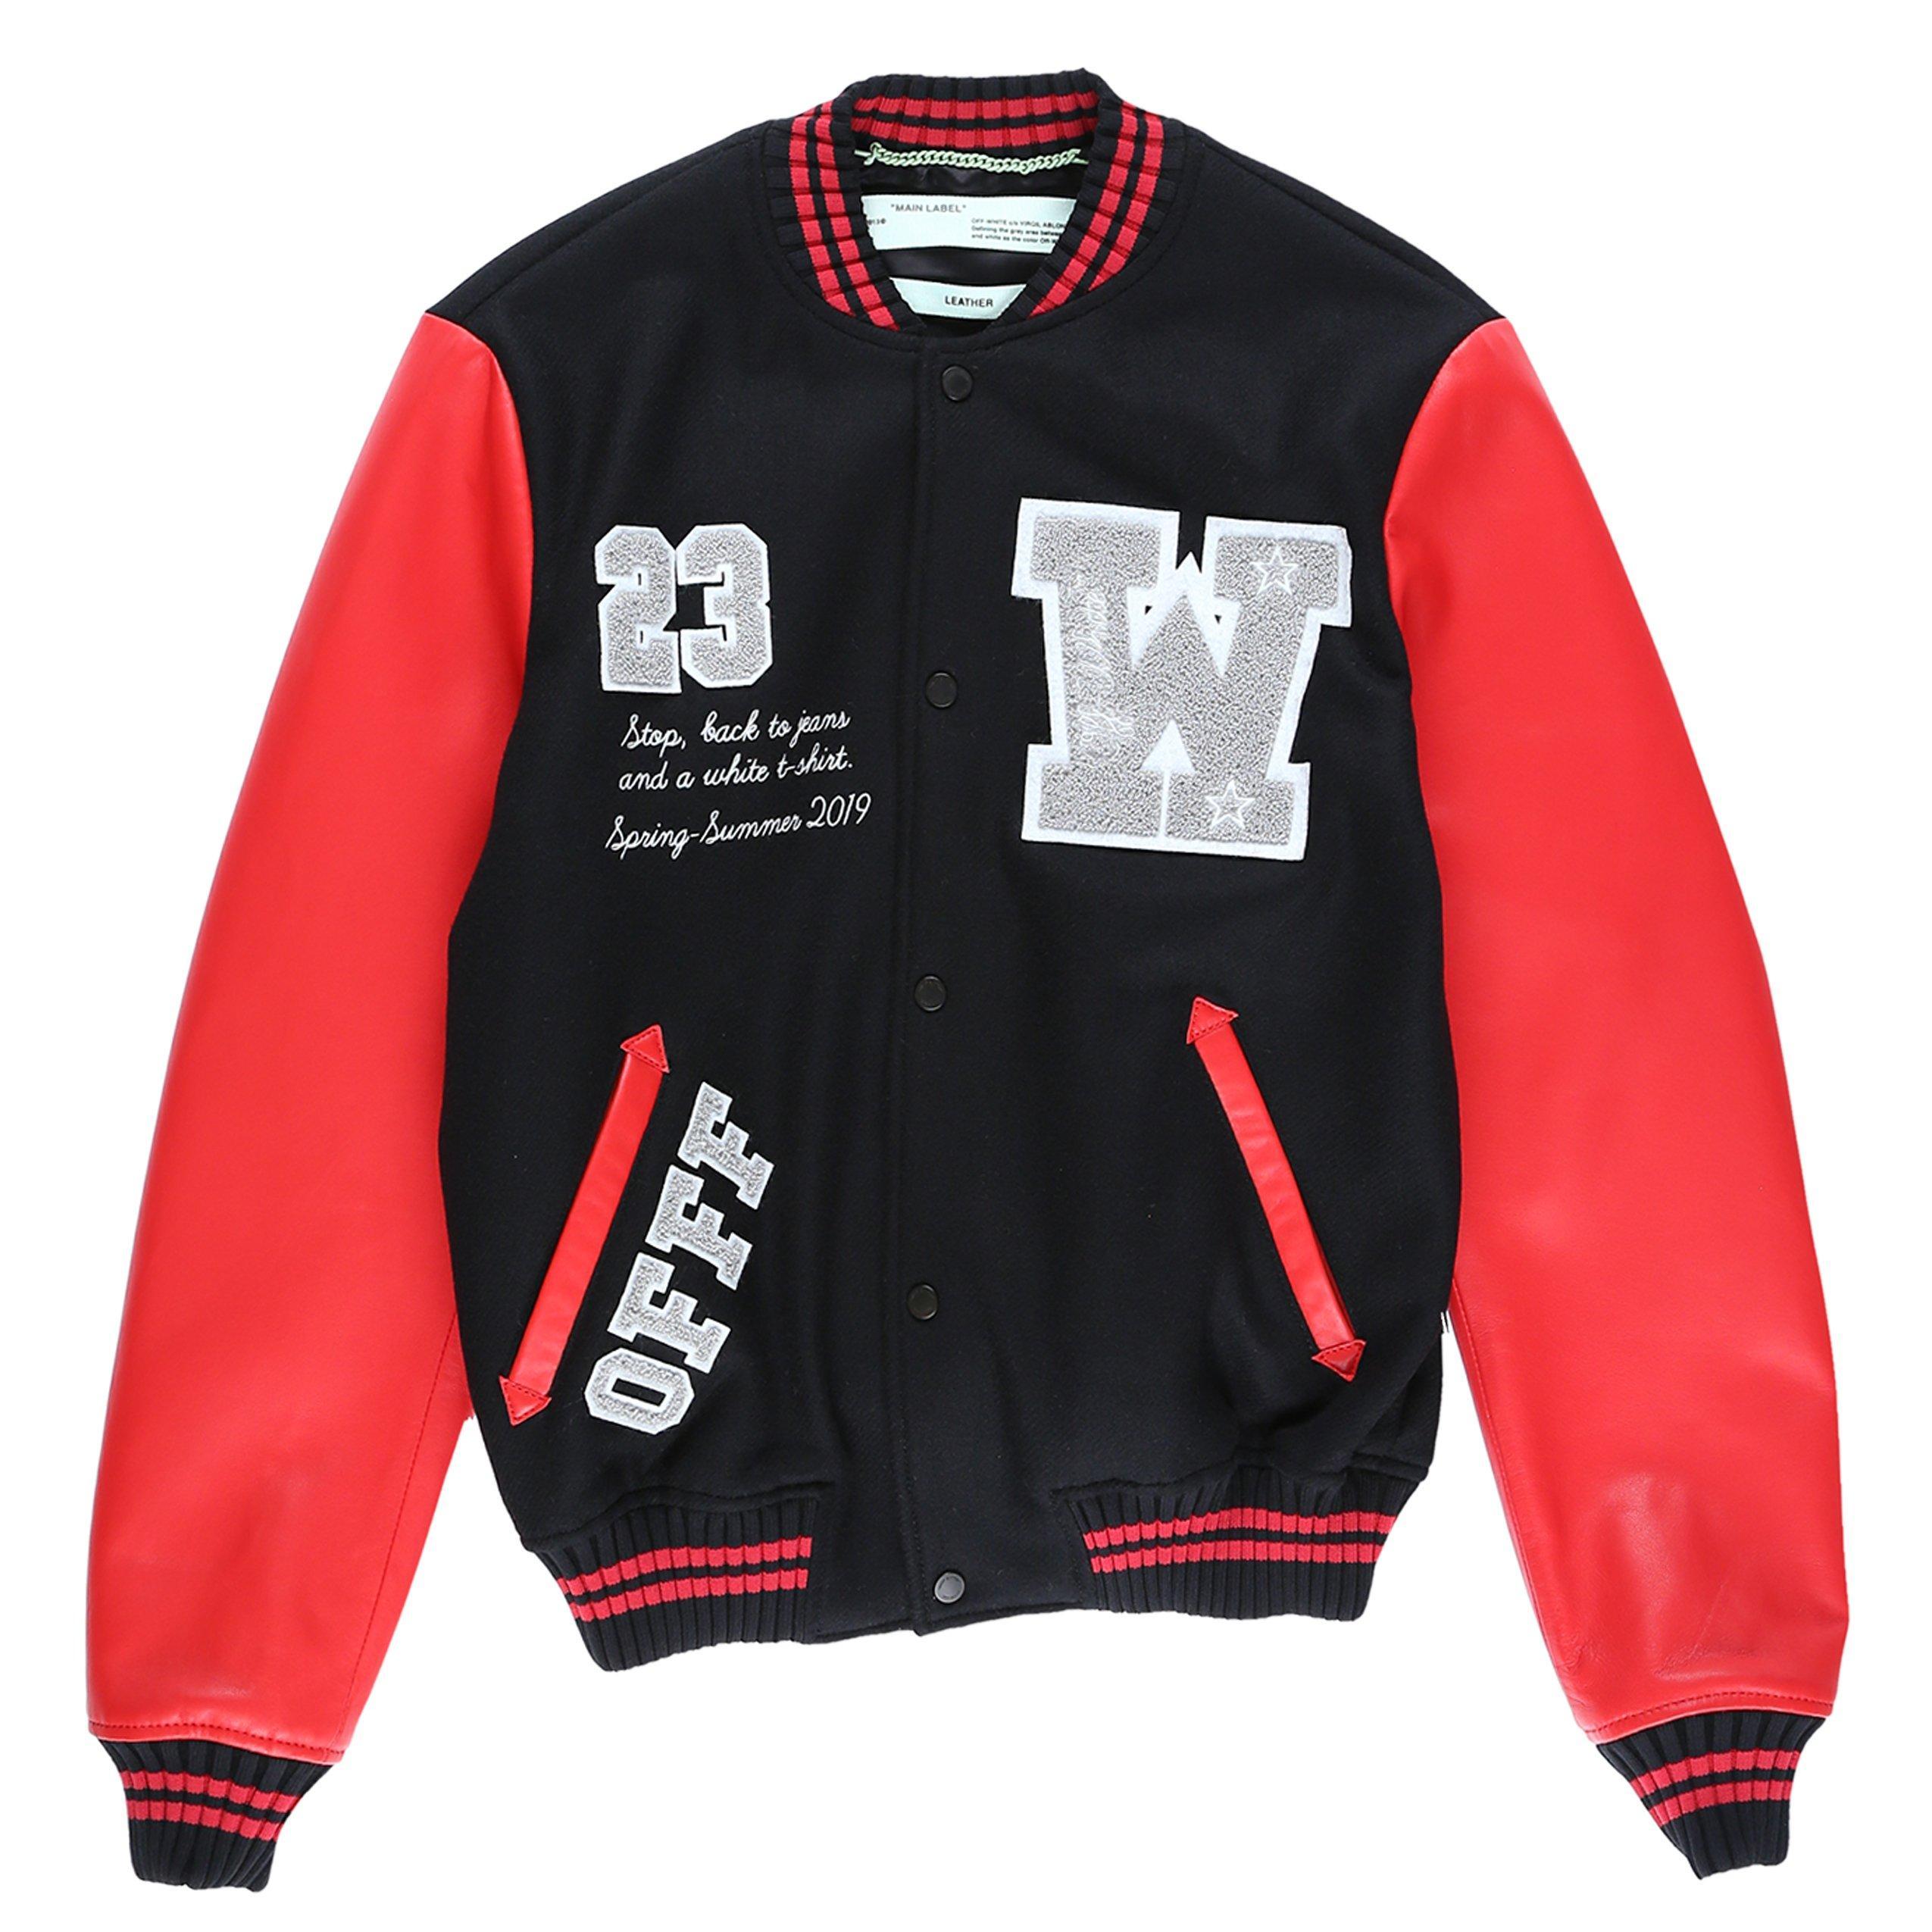 d926bc08a6d0 Off-White c o Virgil Abloh. Men s Skinny Luxury Varsity Letterman Jacket.  From  2